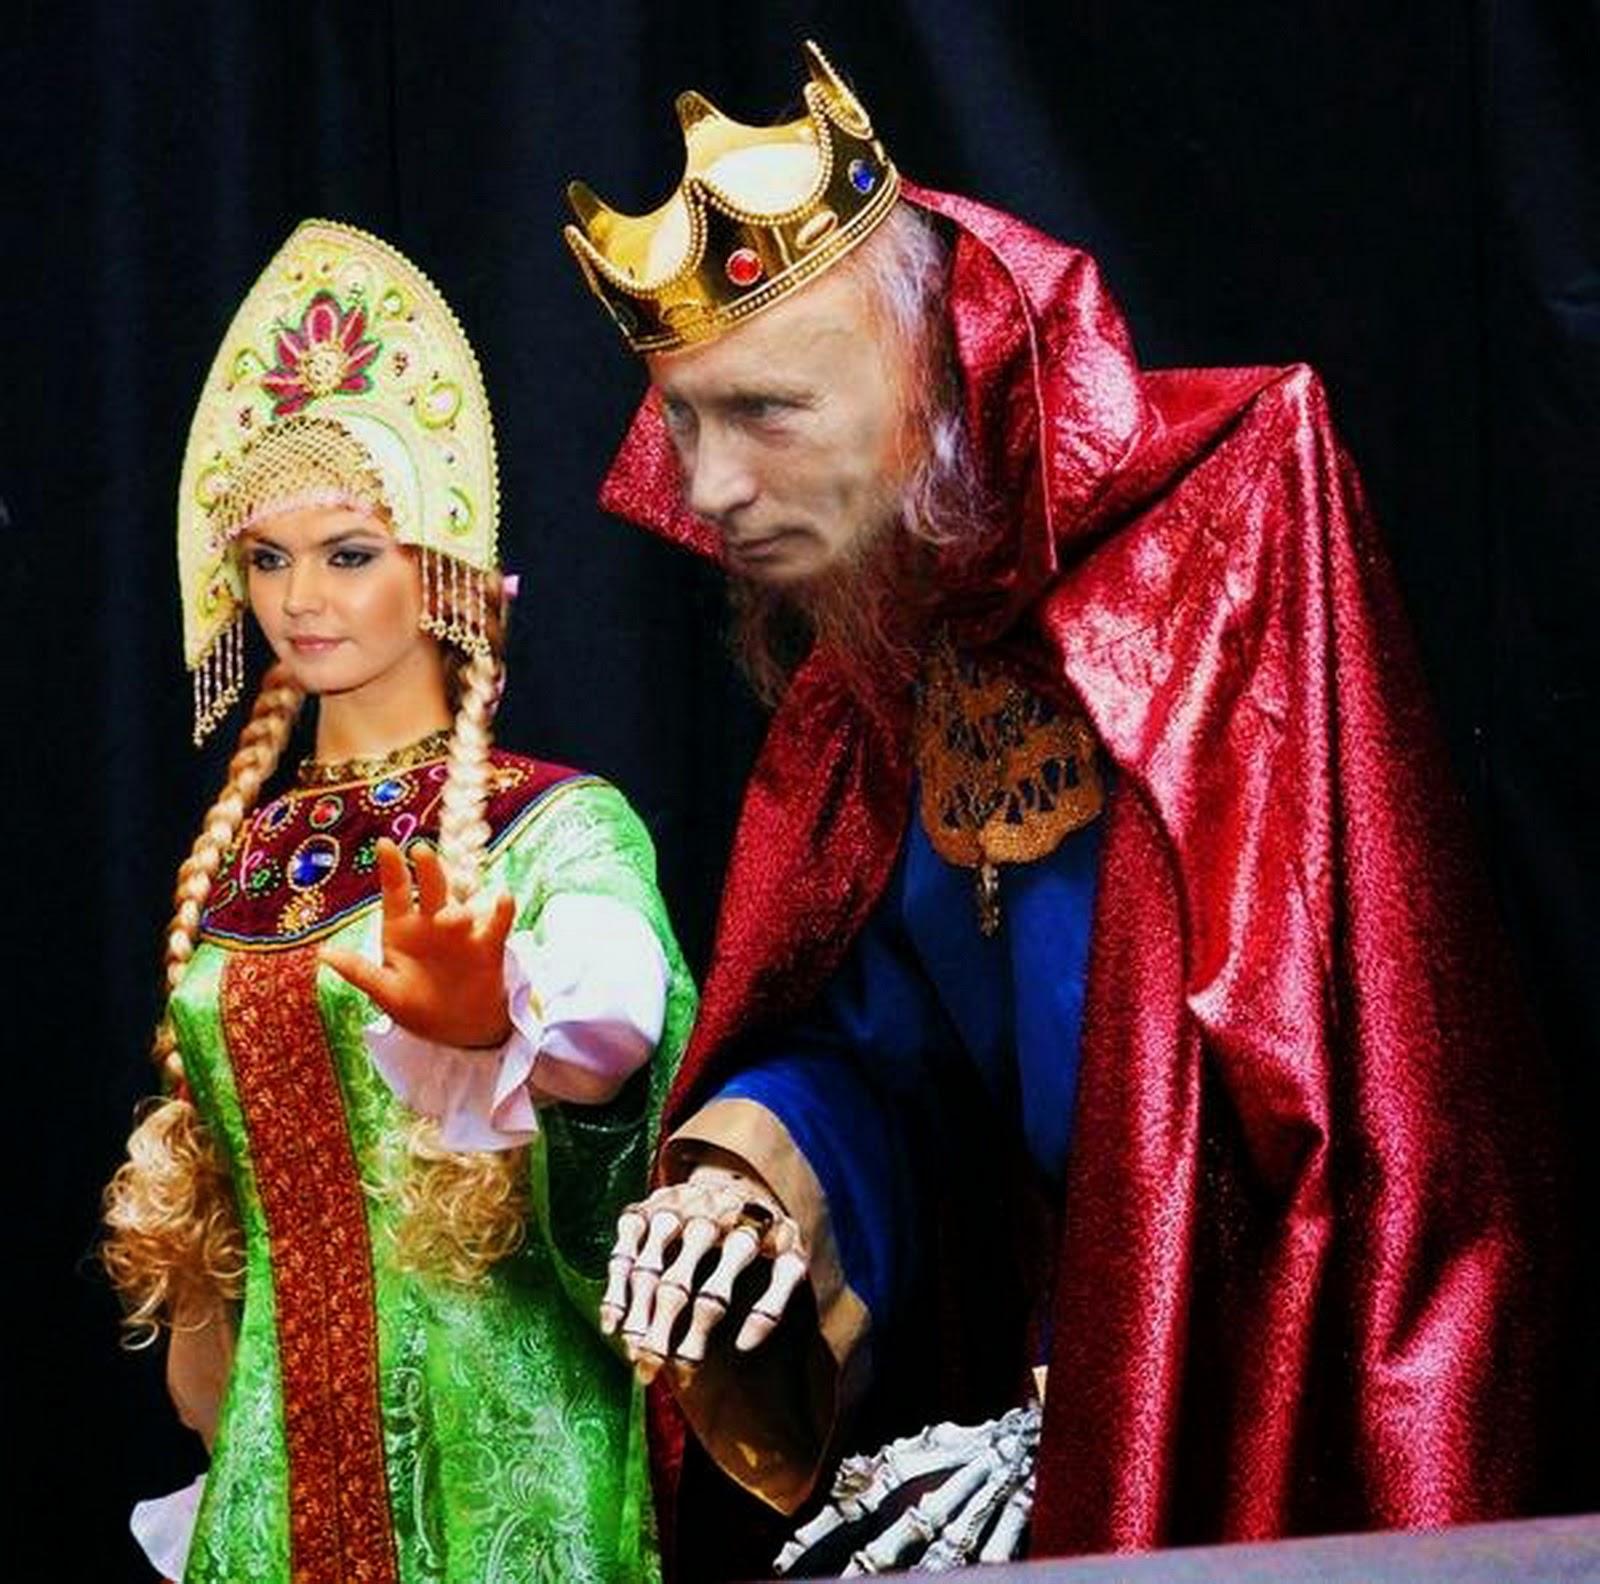 русские любят нерусское